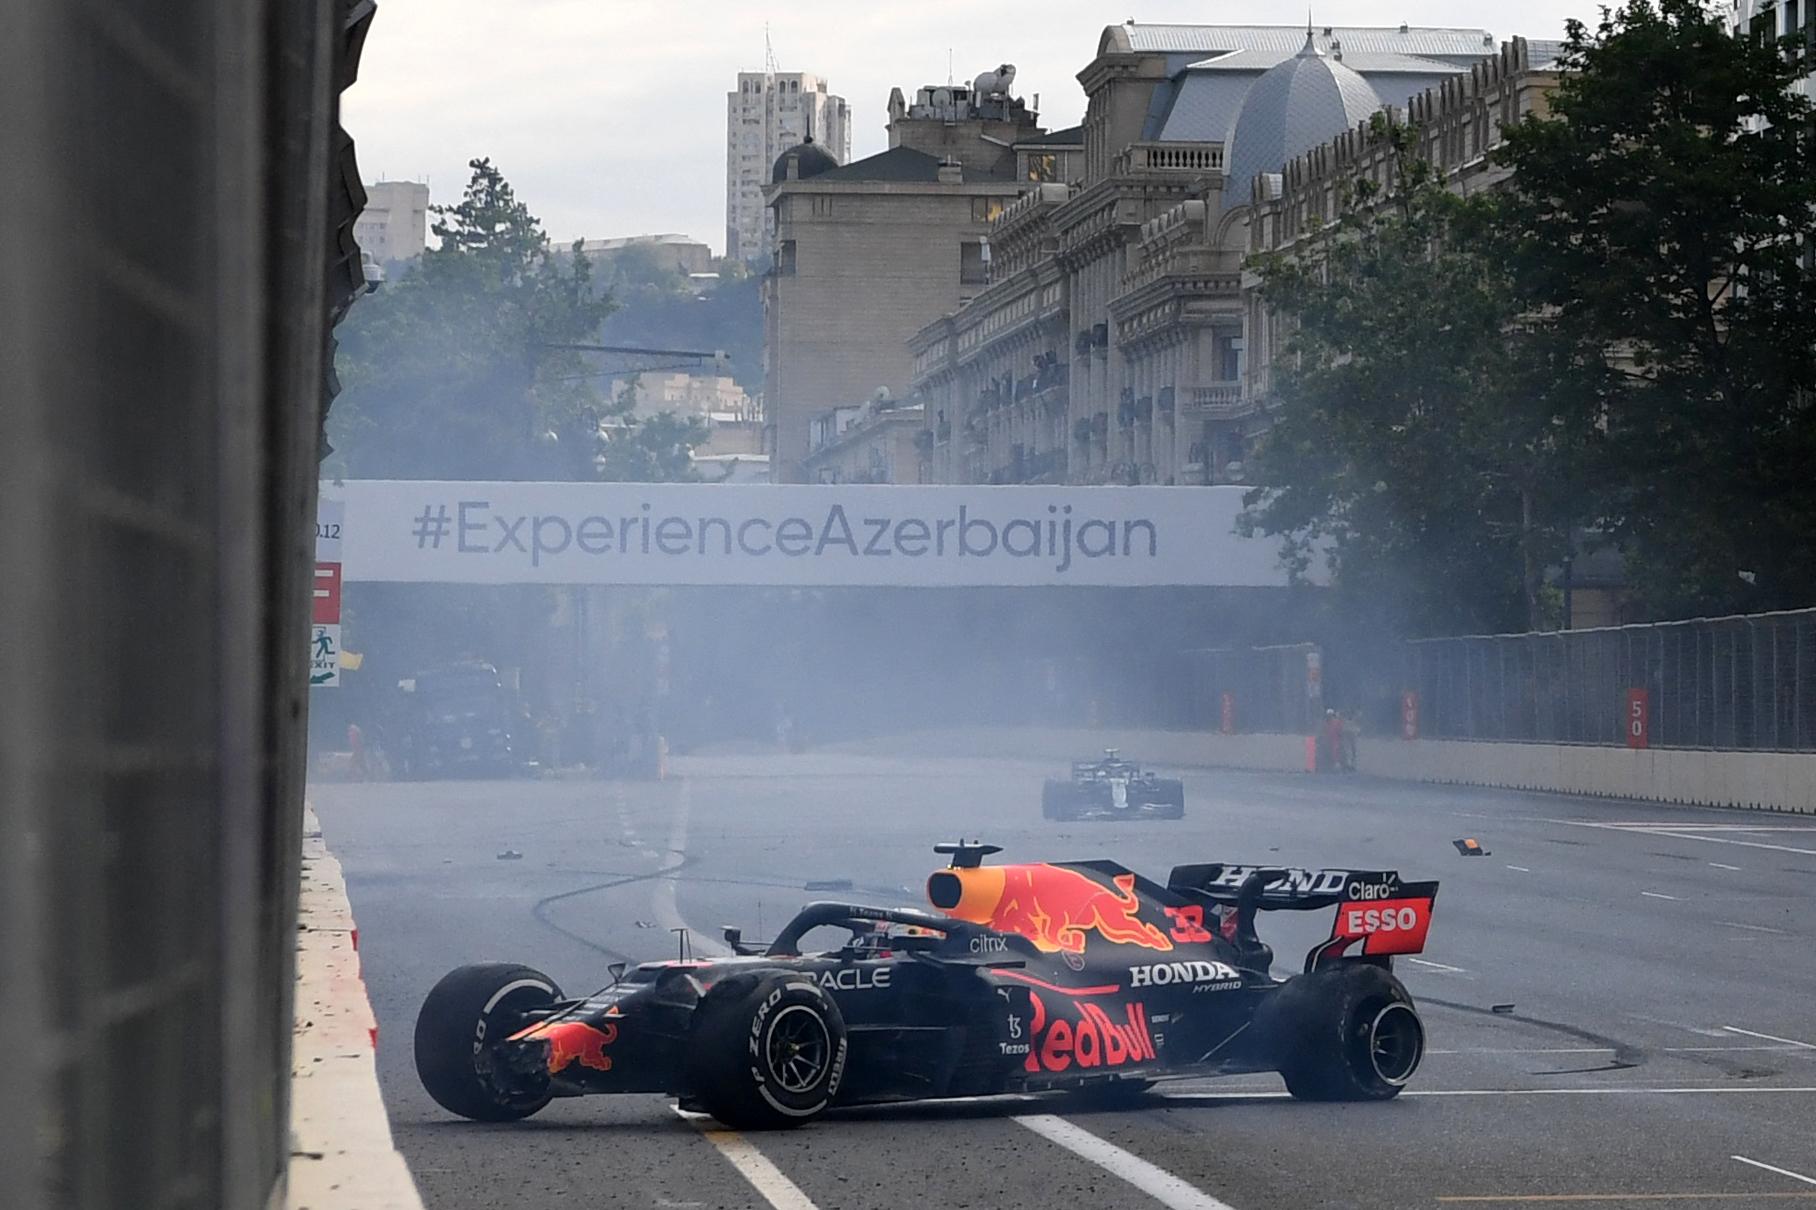 El accidente del RB16B de Verstappen, en la recta principal de Bakú.